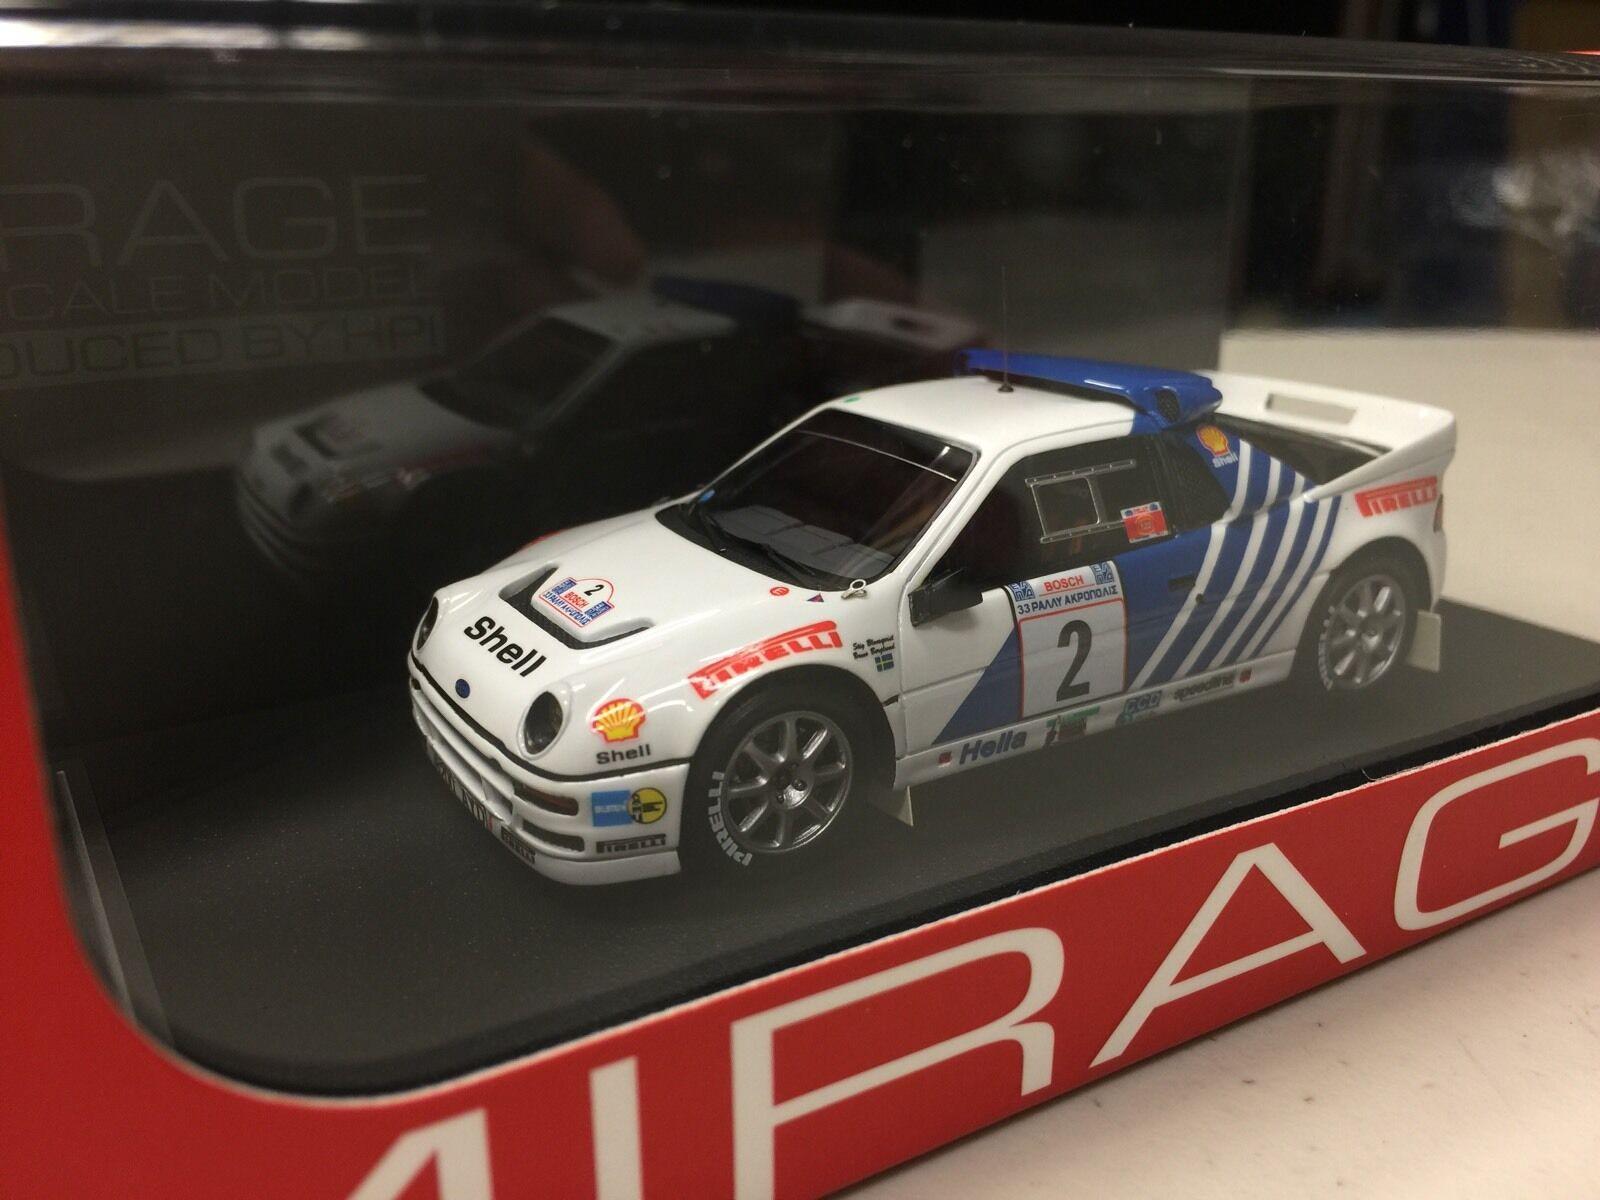 tienda de bajo costo     último    Acrópolis Acrópolis Acrópolis Rally Hpi  8344 Ford RS200 ( 2) 1986 1 43 Modelo Pirelli WRC  punto de venta de la marca